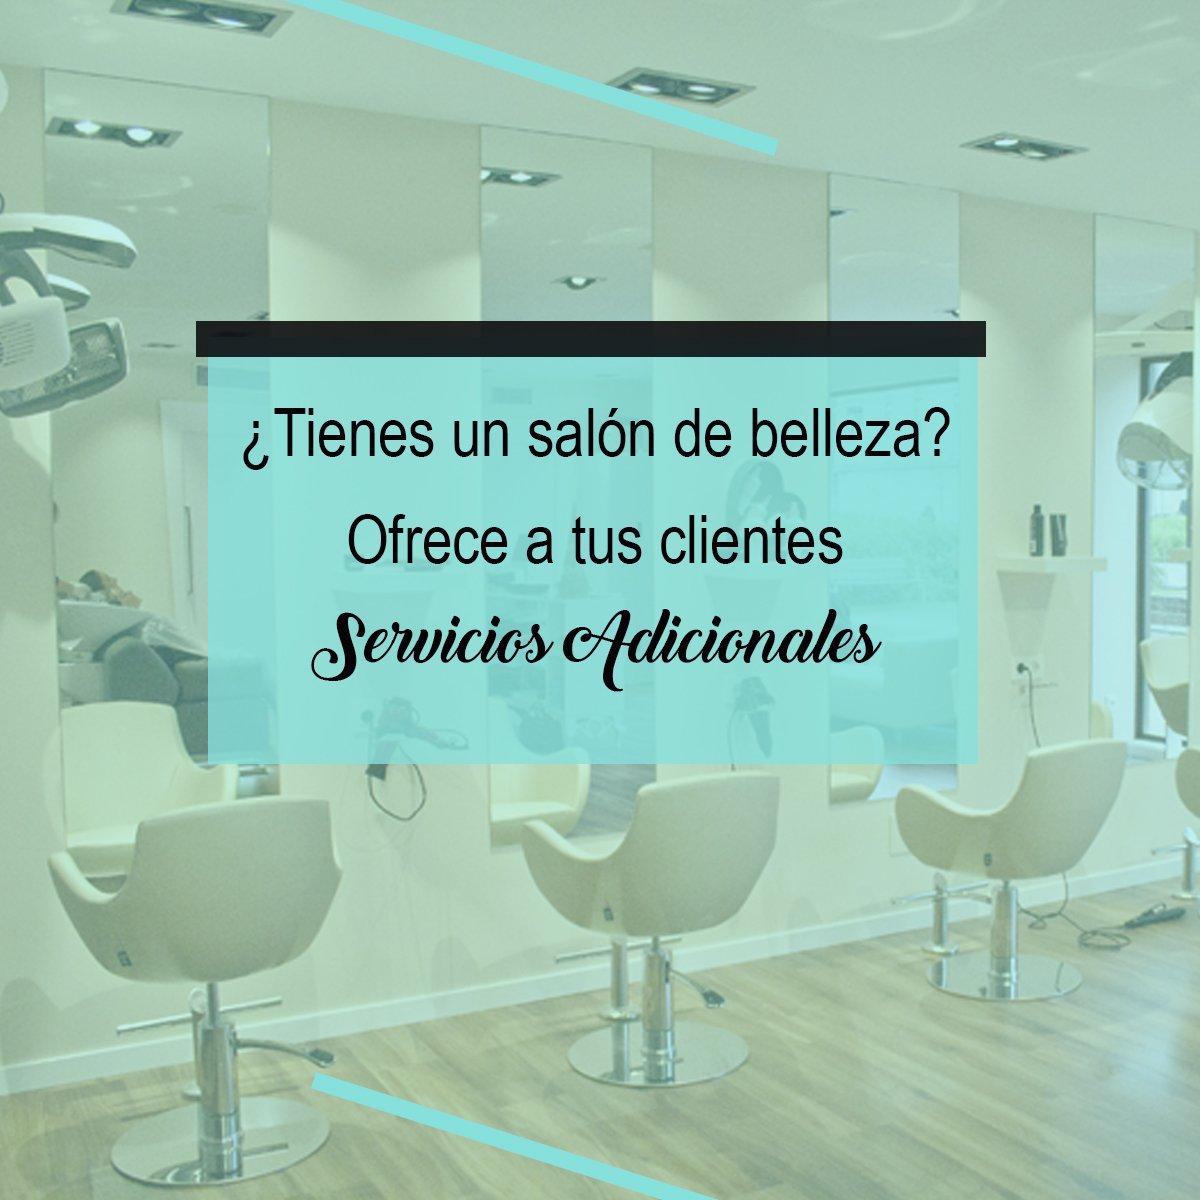 Servicios Adicionales en tu peluqueria